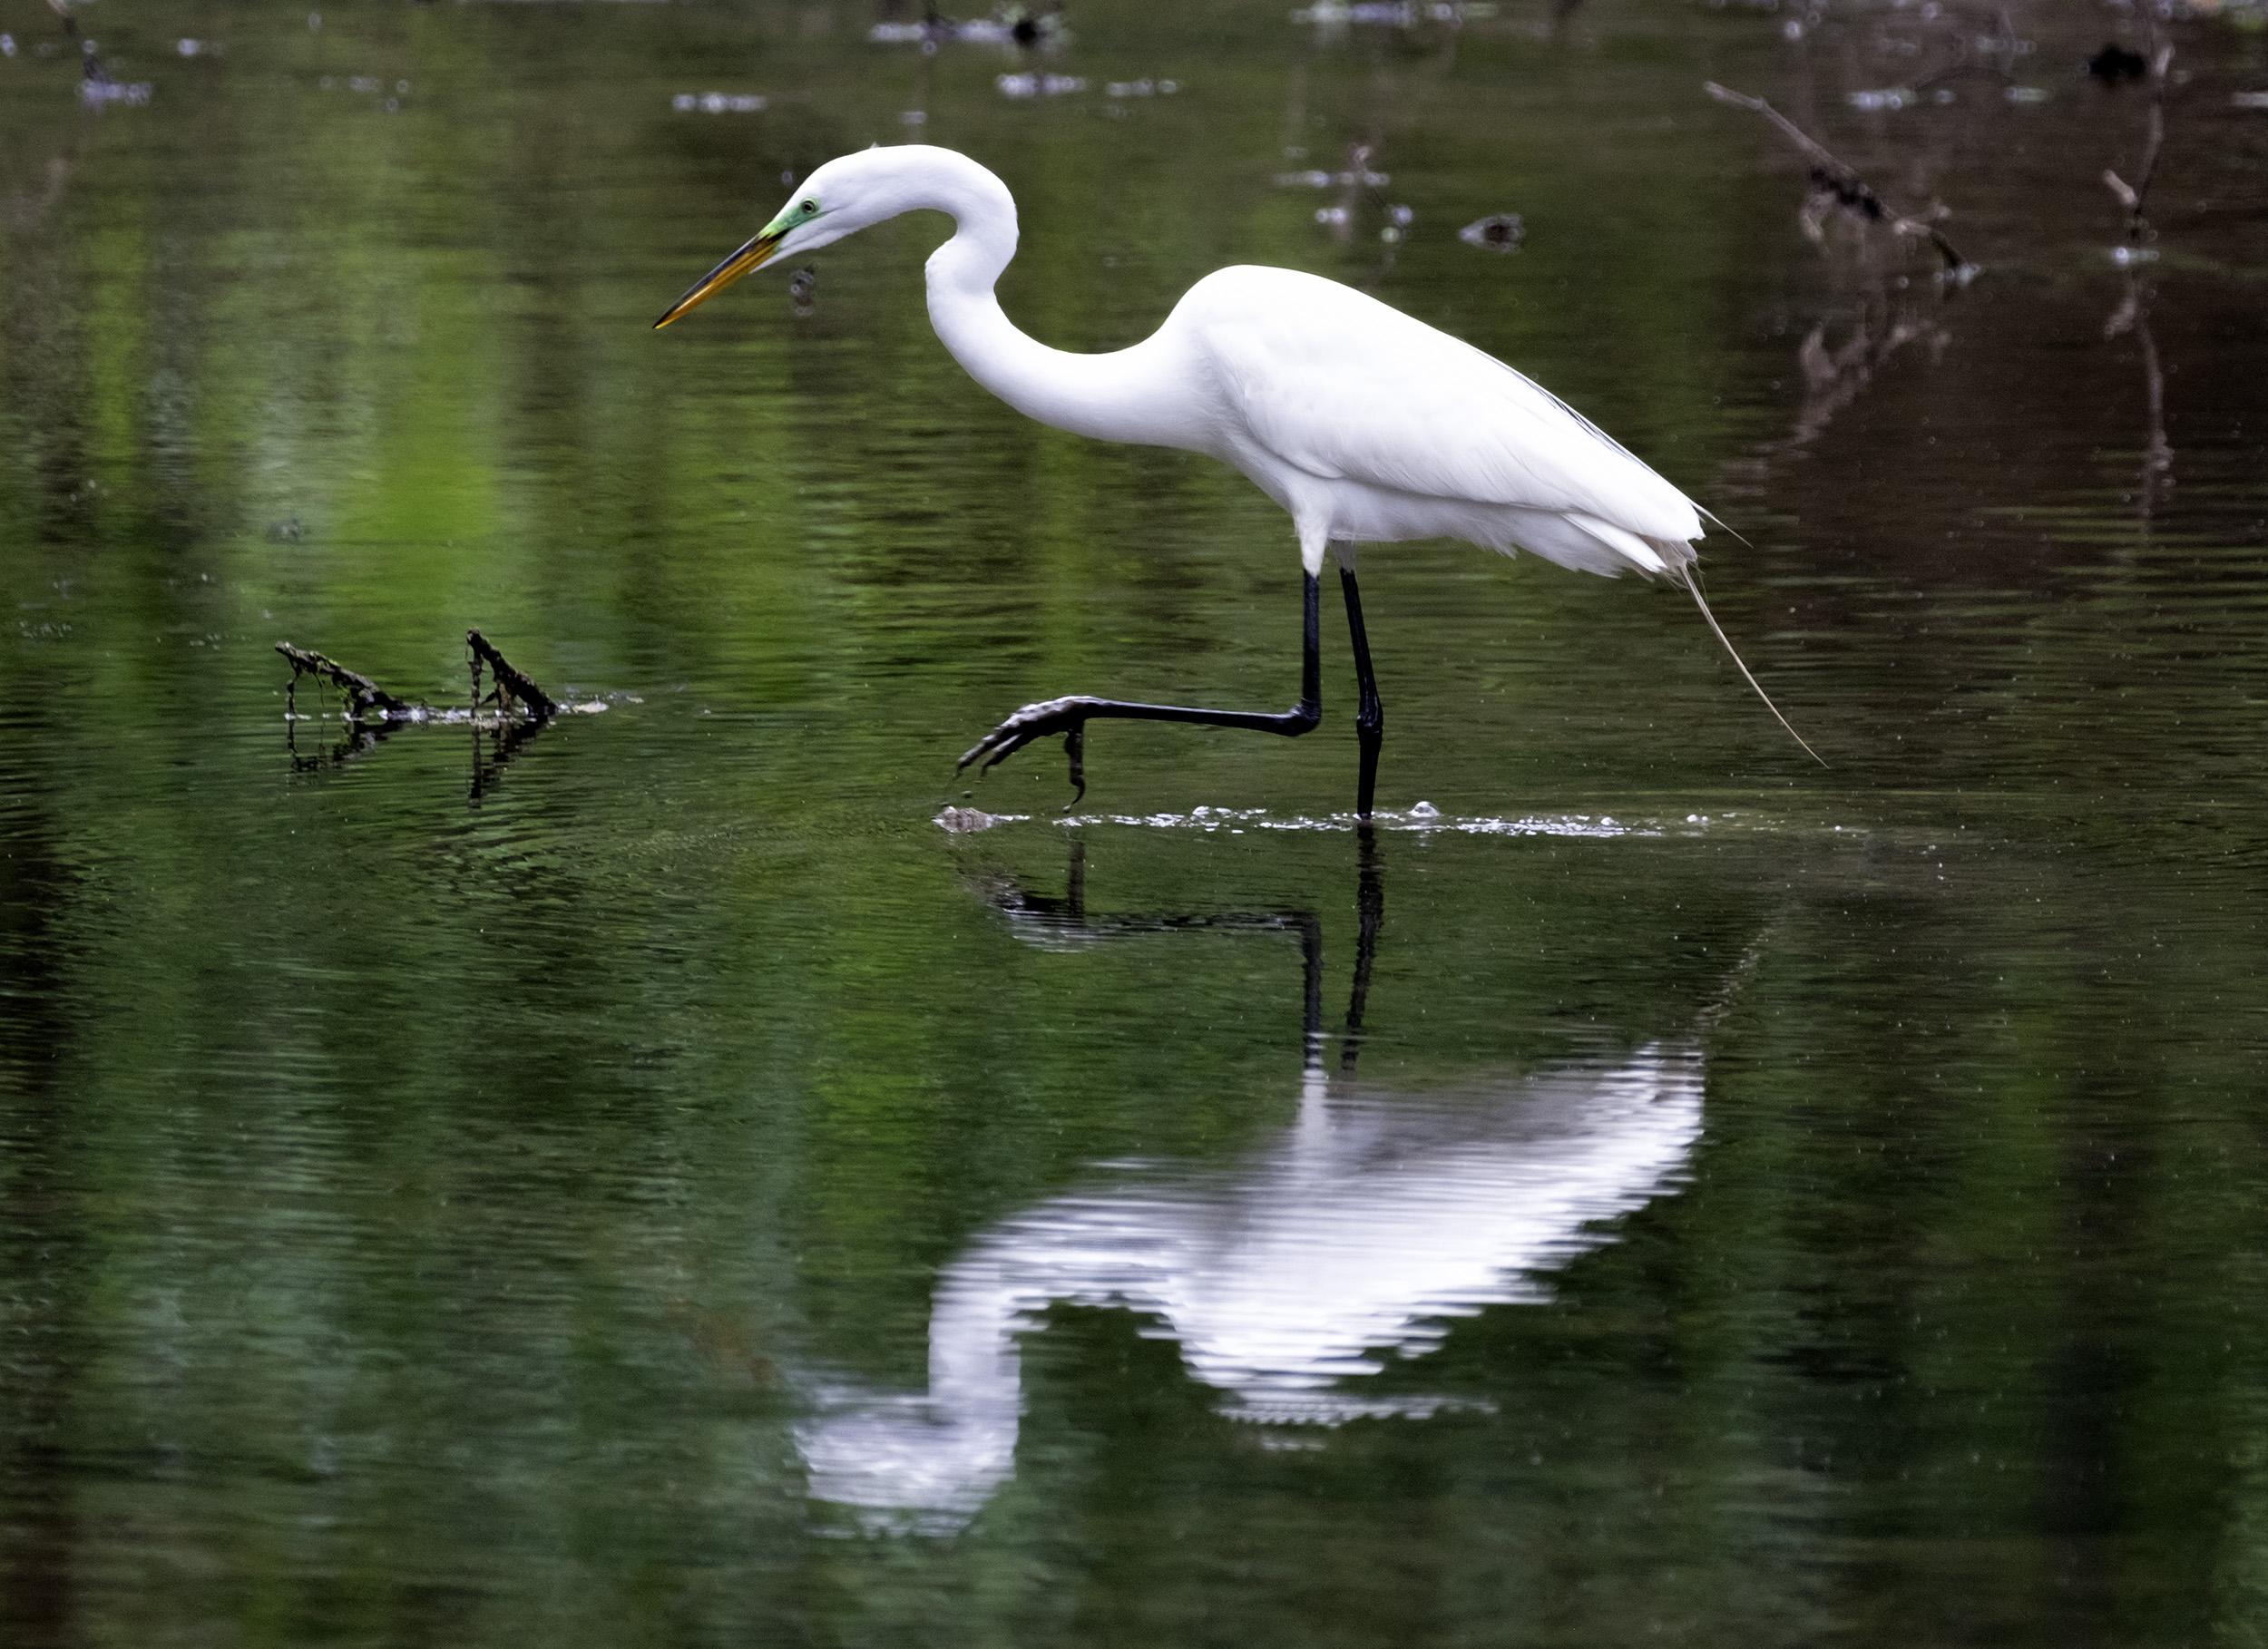 190509 XT2 Canal Birds  093-1 flt.jpg